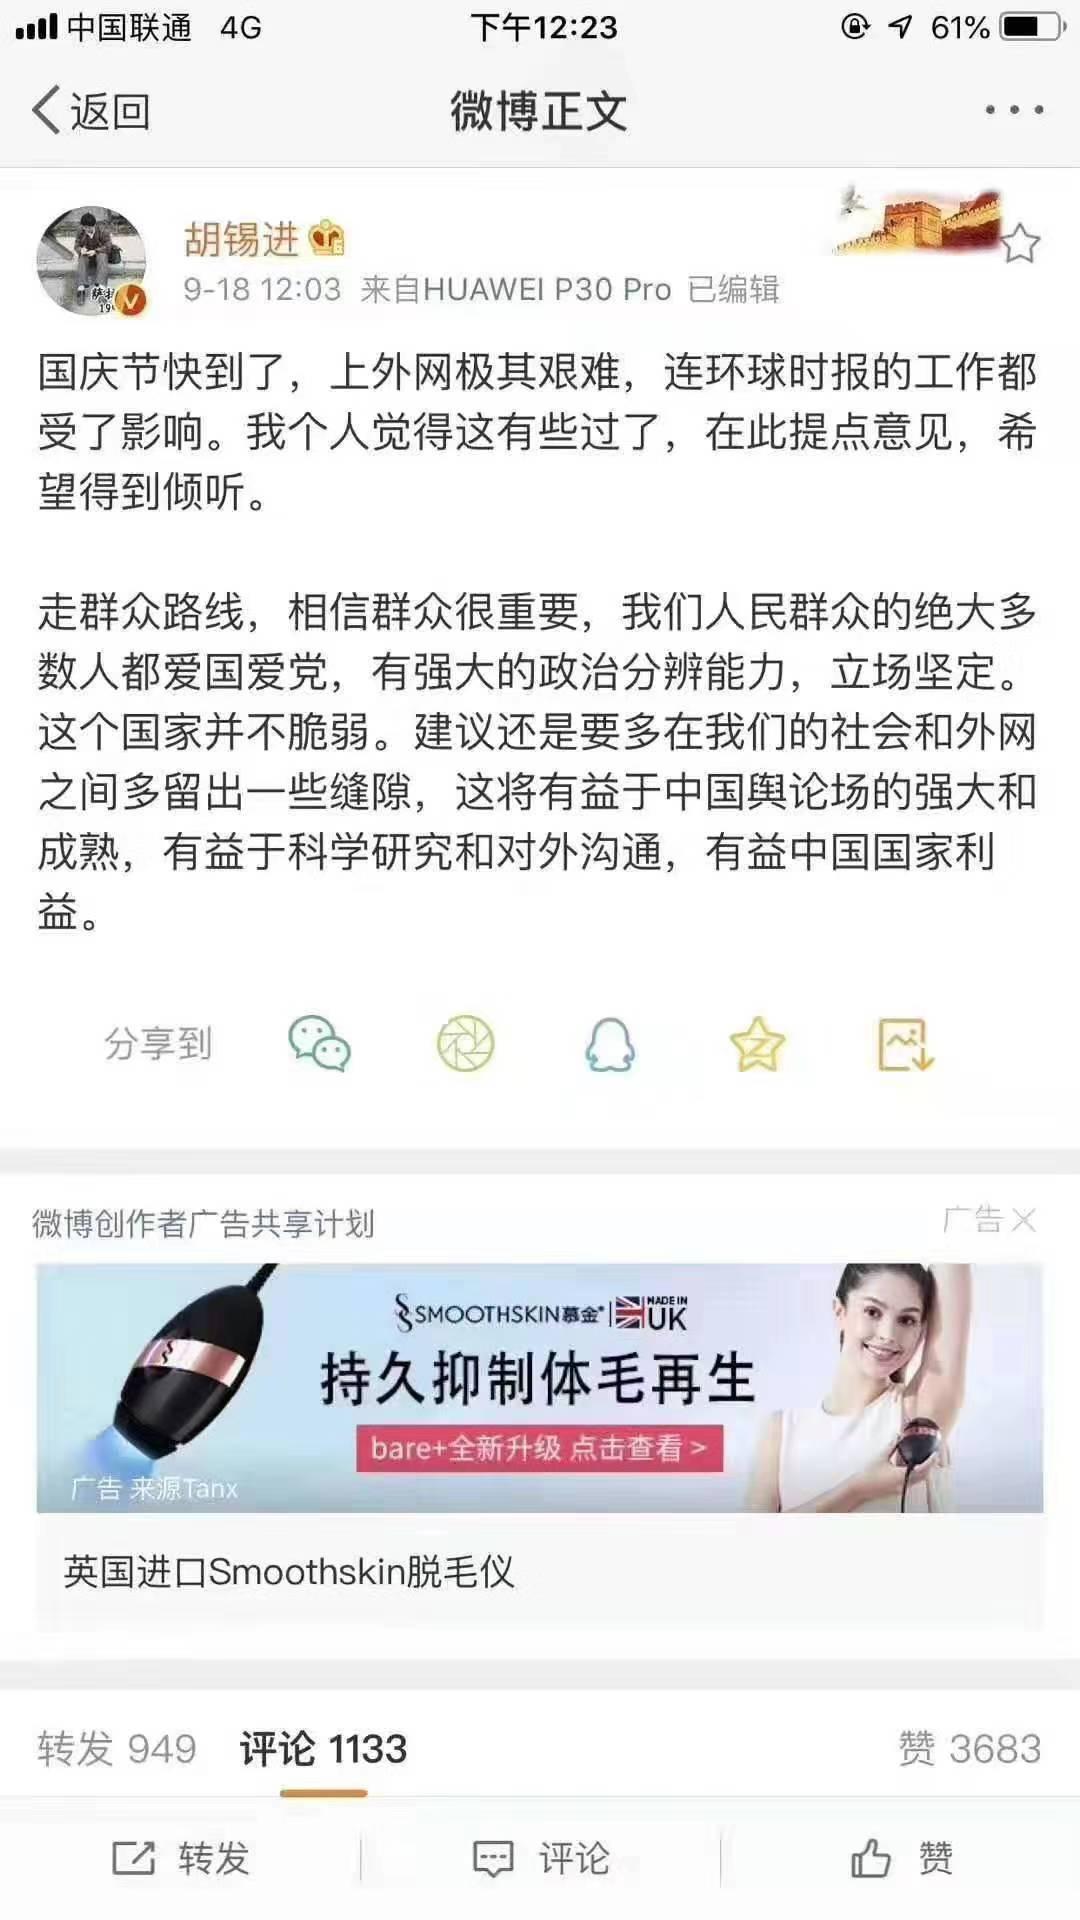 大陸環球時報總編輯胡錫進的微博留言,不久就自刪不見了。(網路截圖)